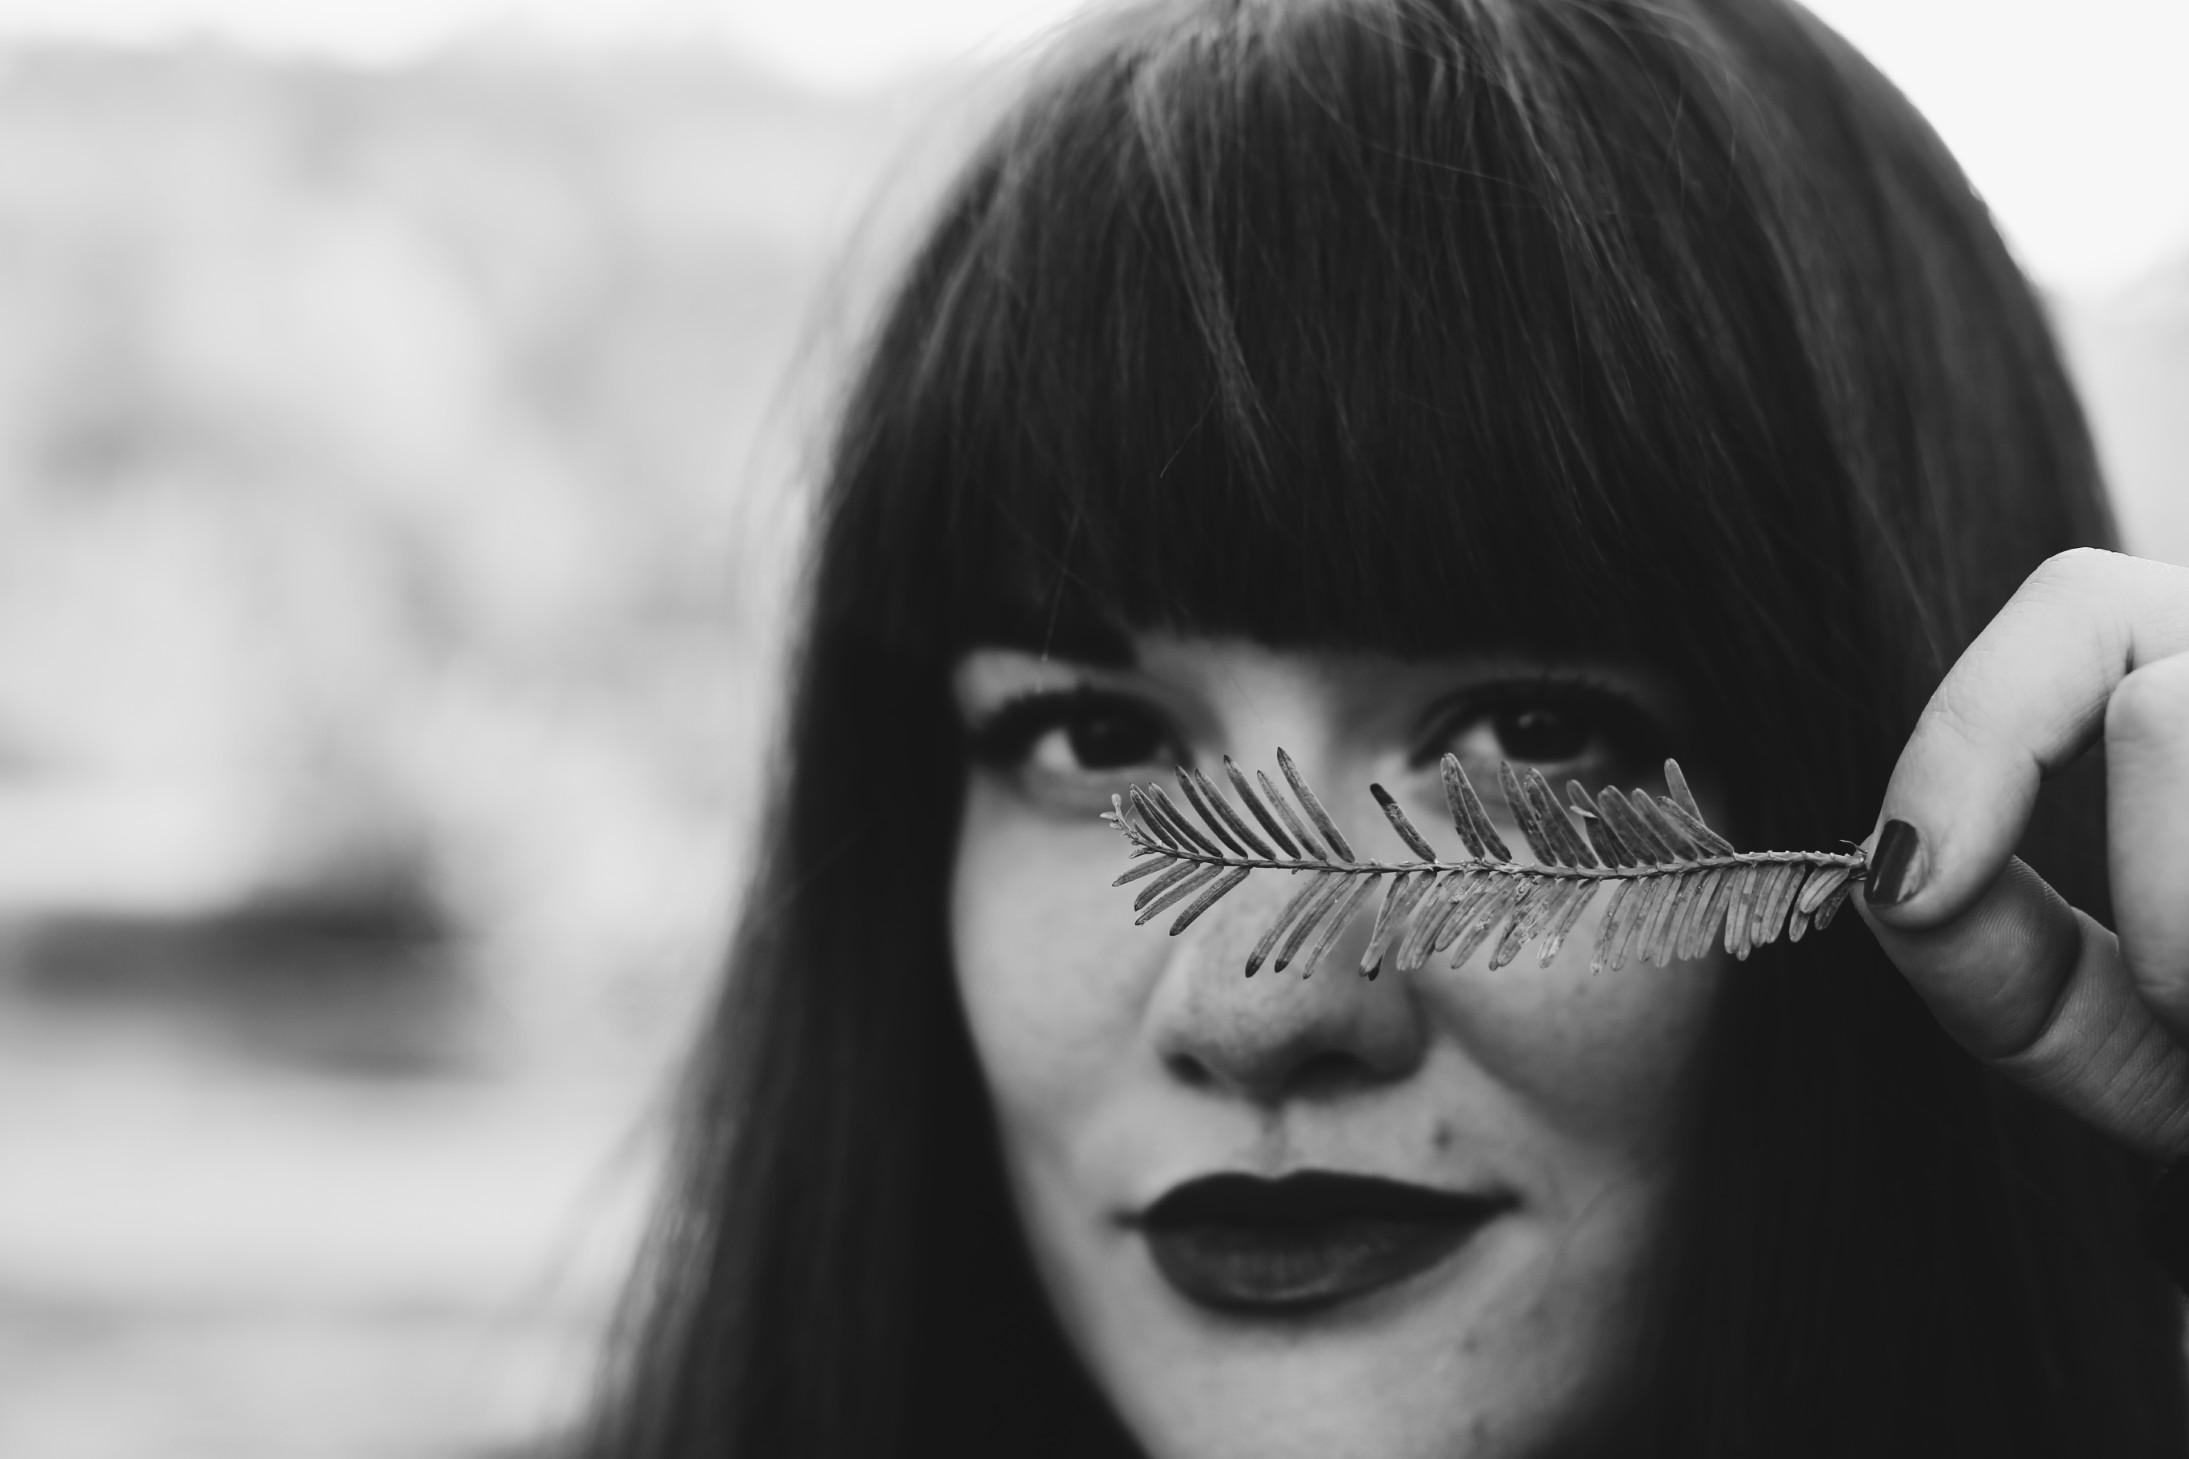 giulia modena | servizio fotografico | donna | ritratto | fotografia digitale | rhamely